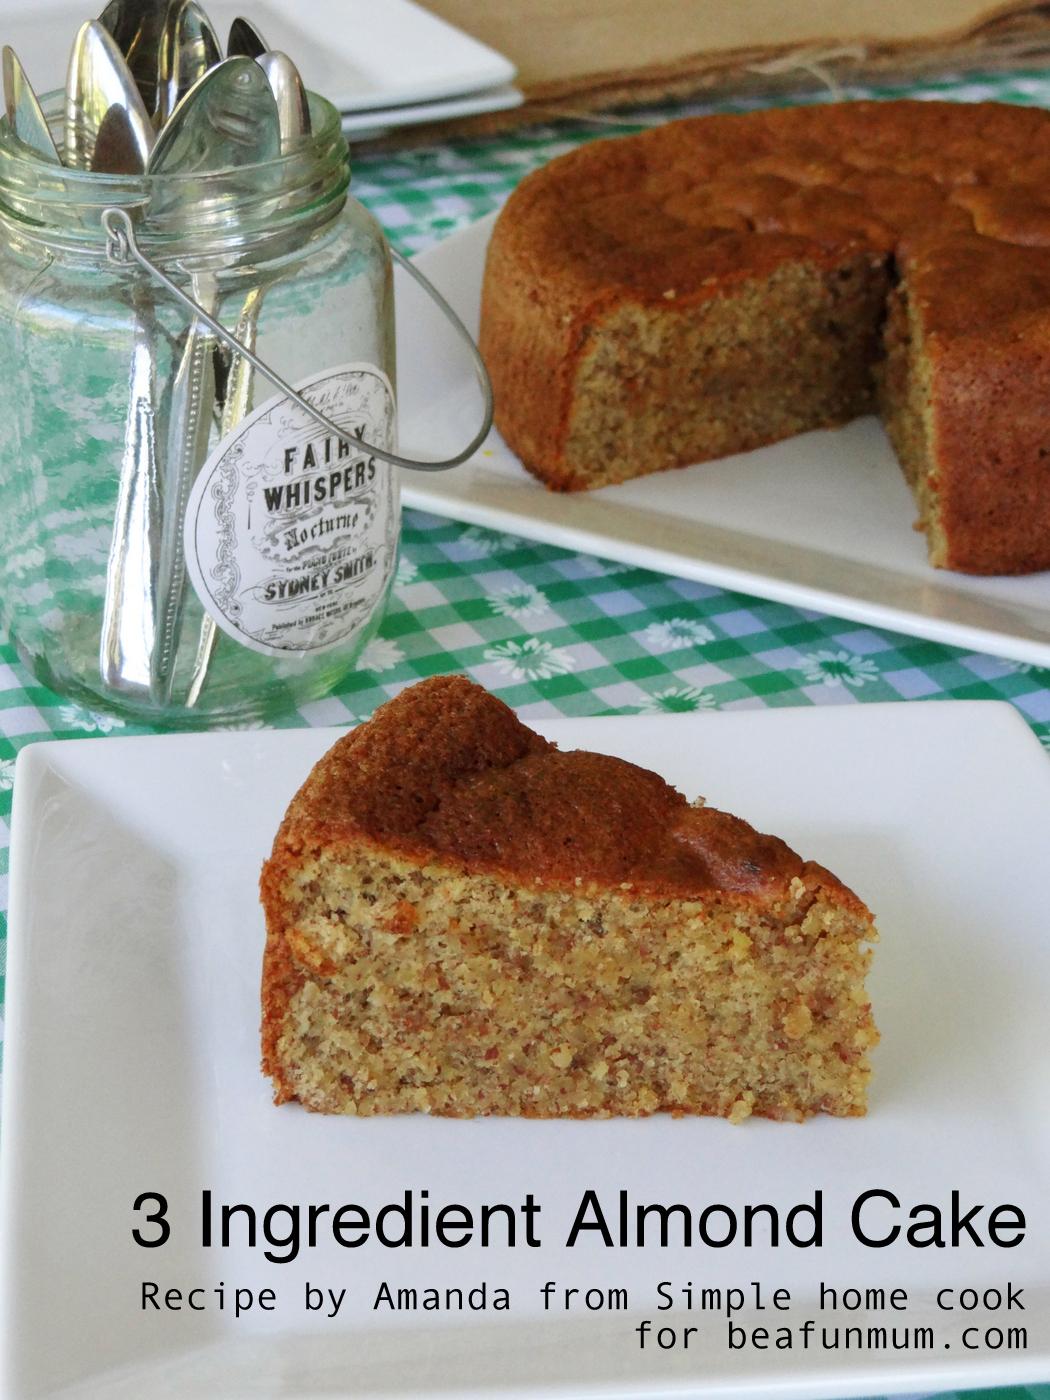 3 Ingredient Almond Cake